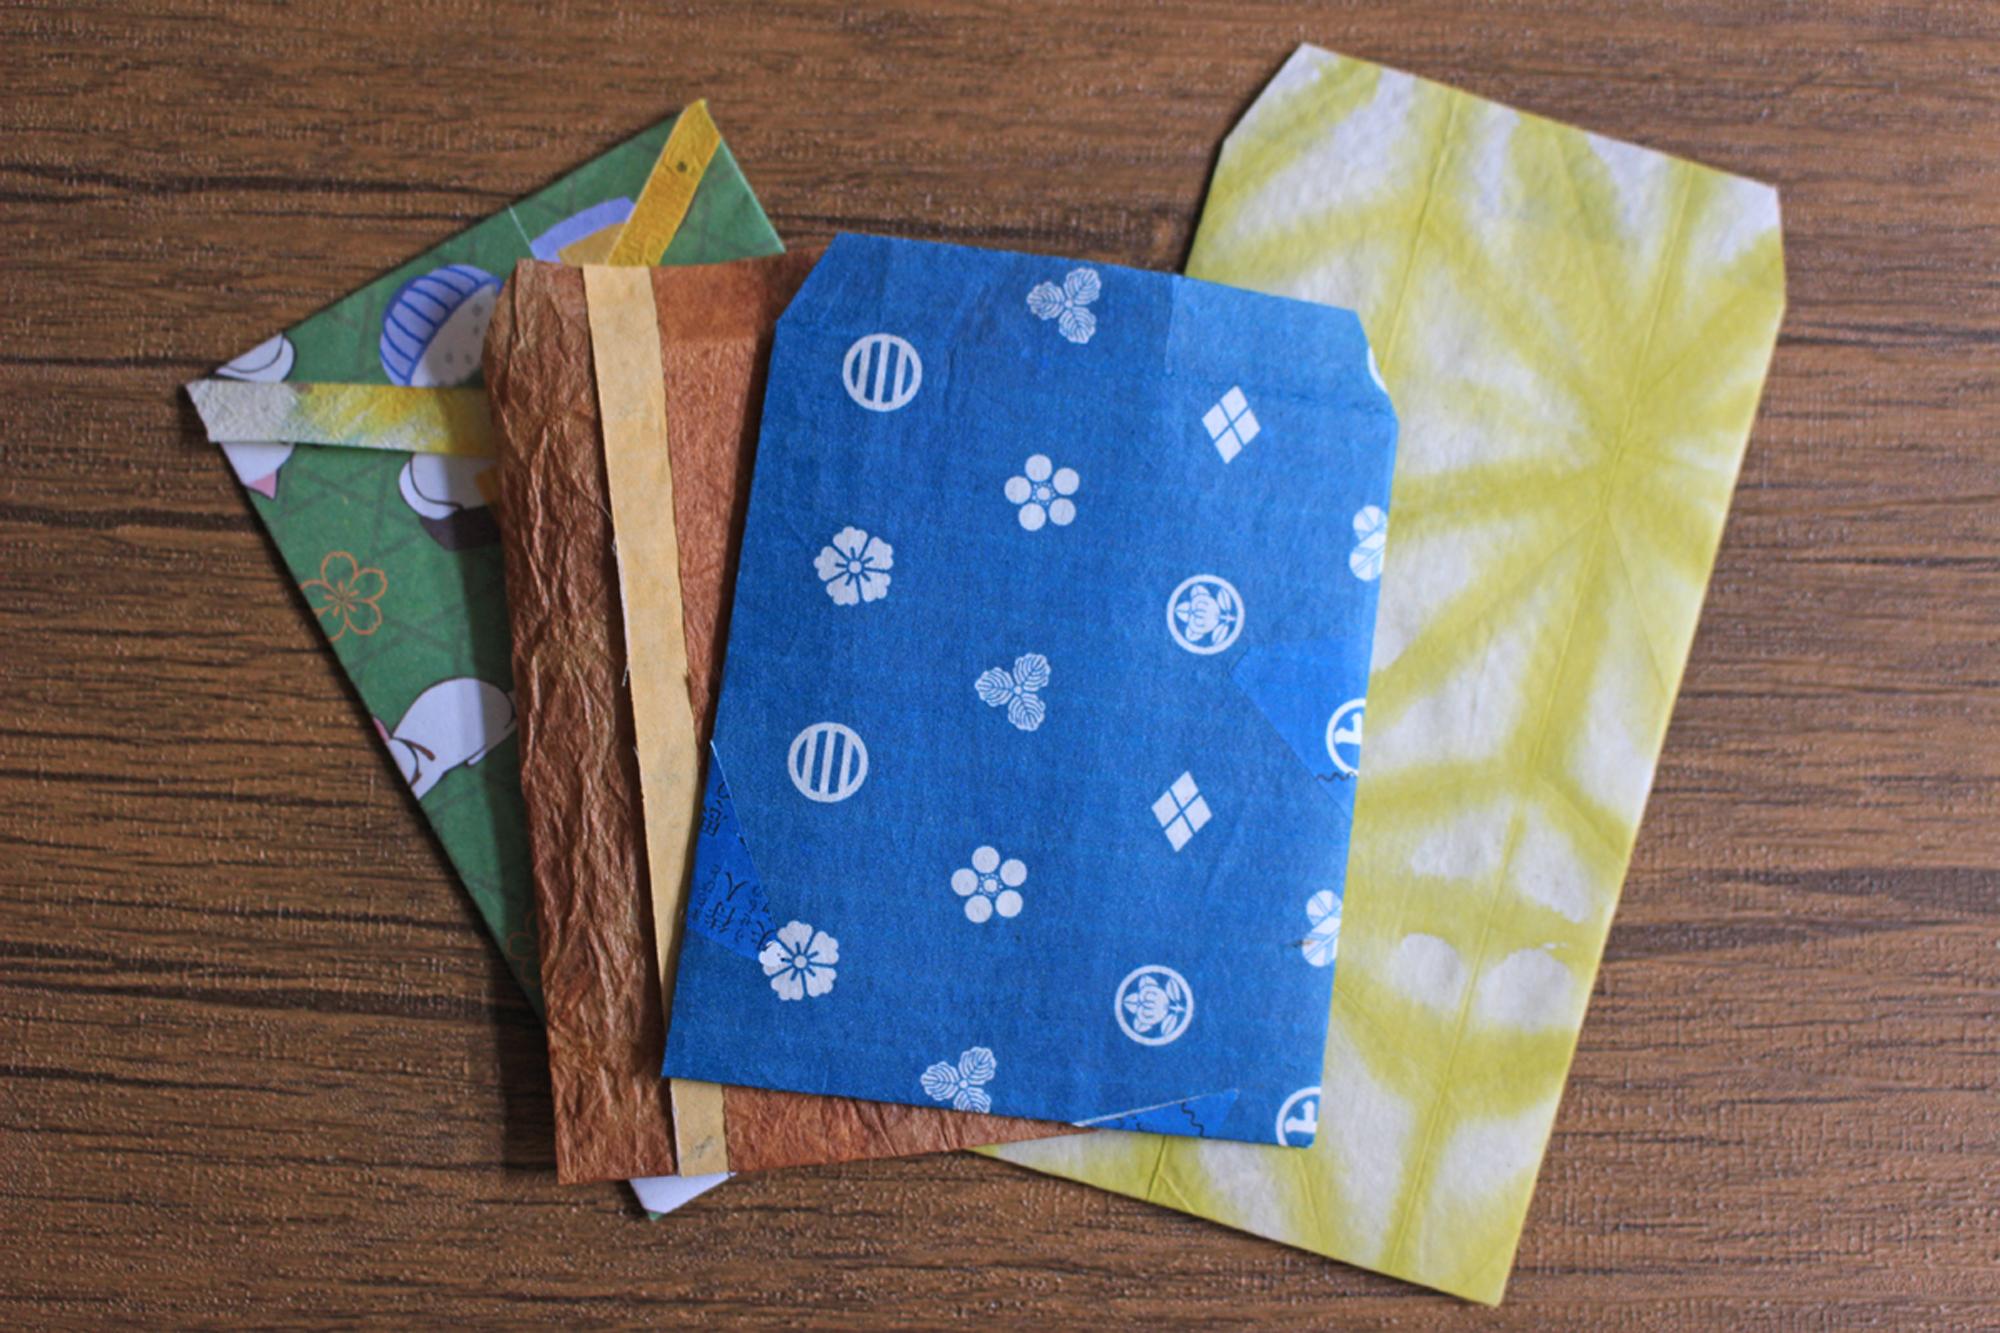 【オンラインワークショップ】簡単に和紙で作れるお守り袋+ぽち袋